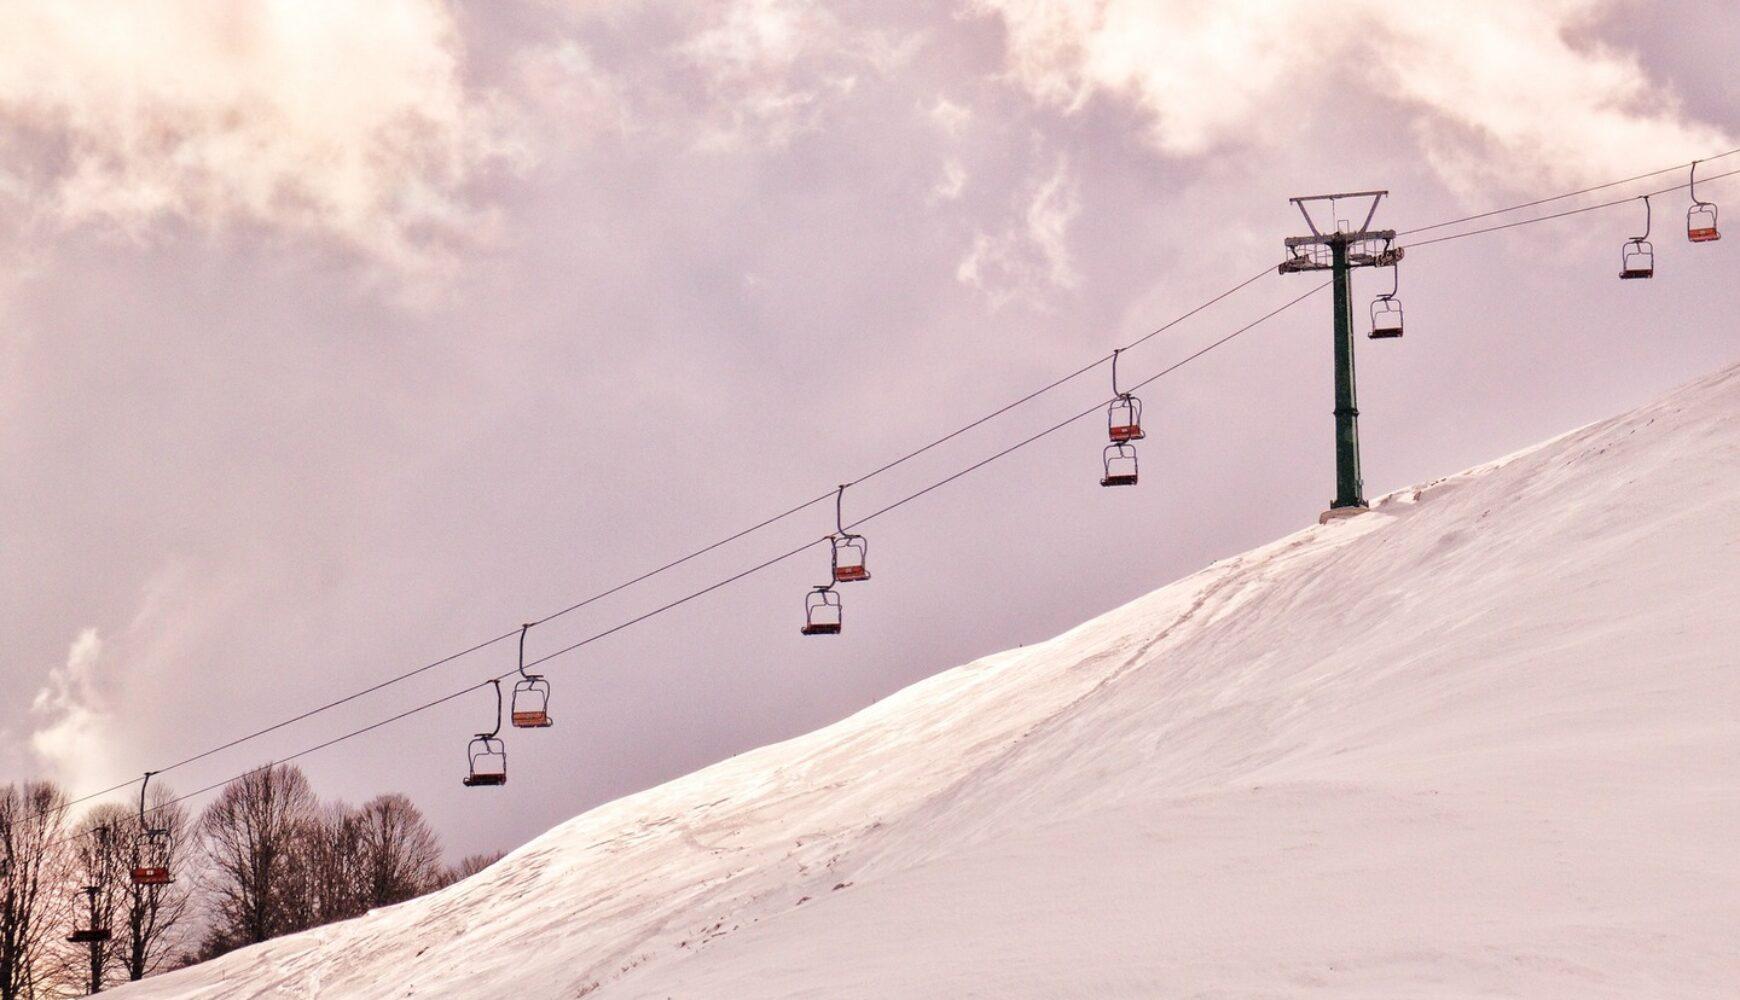 Ferie NaSportowo 2021 – wyjazdy narciarskie – ODWOŁANE !!!